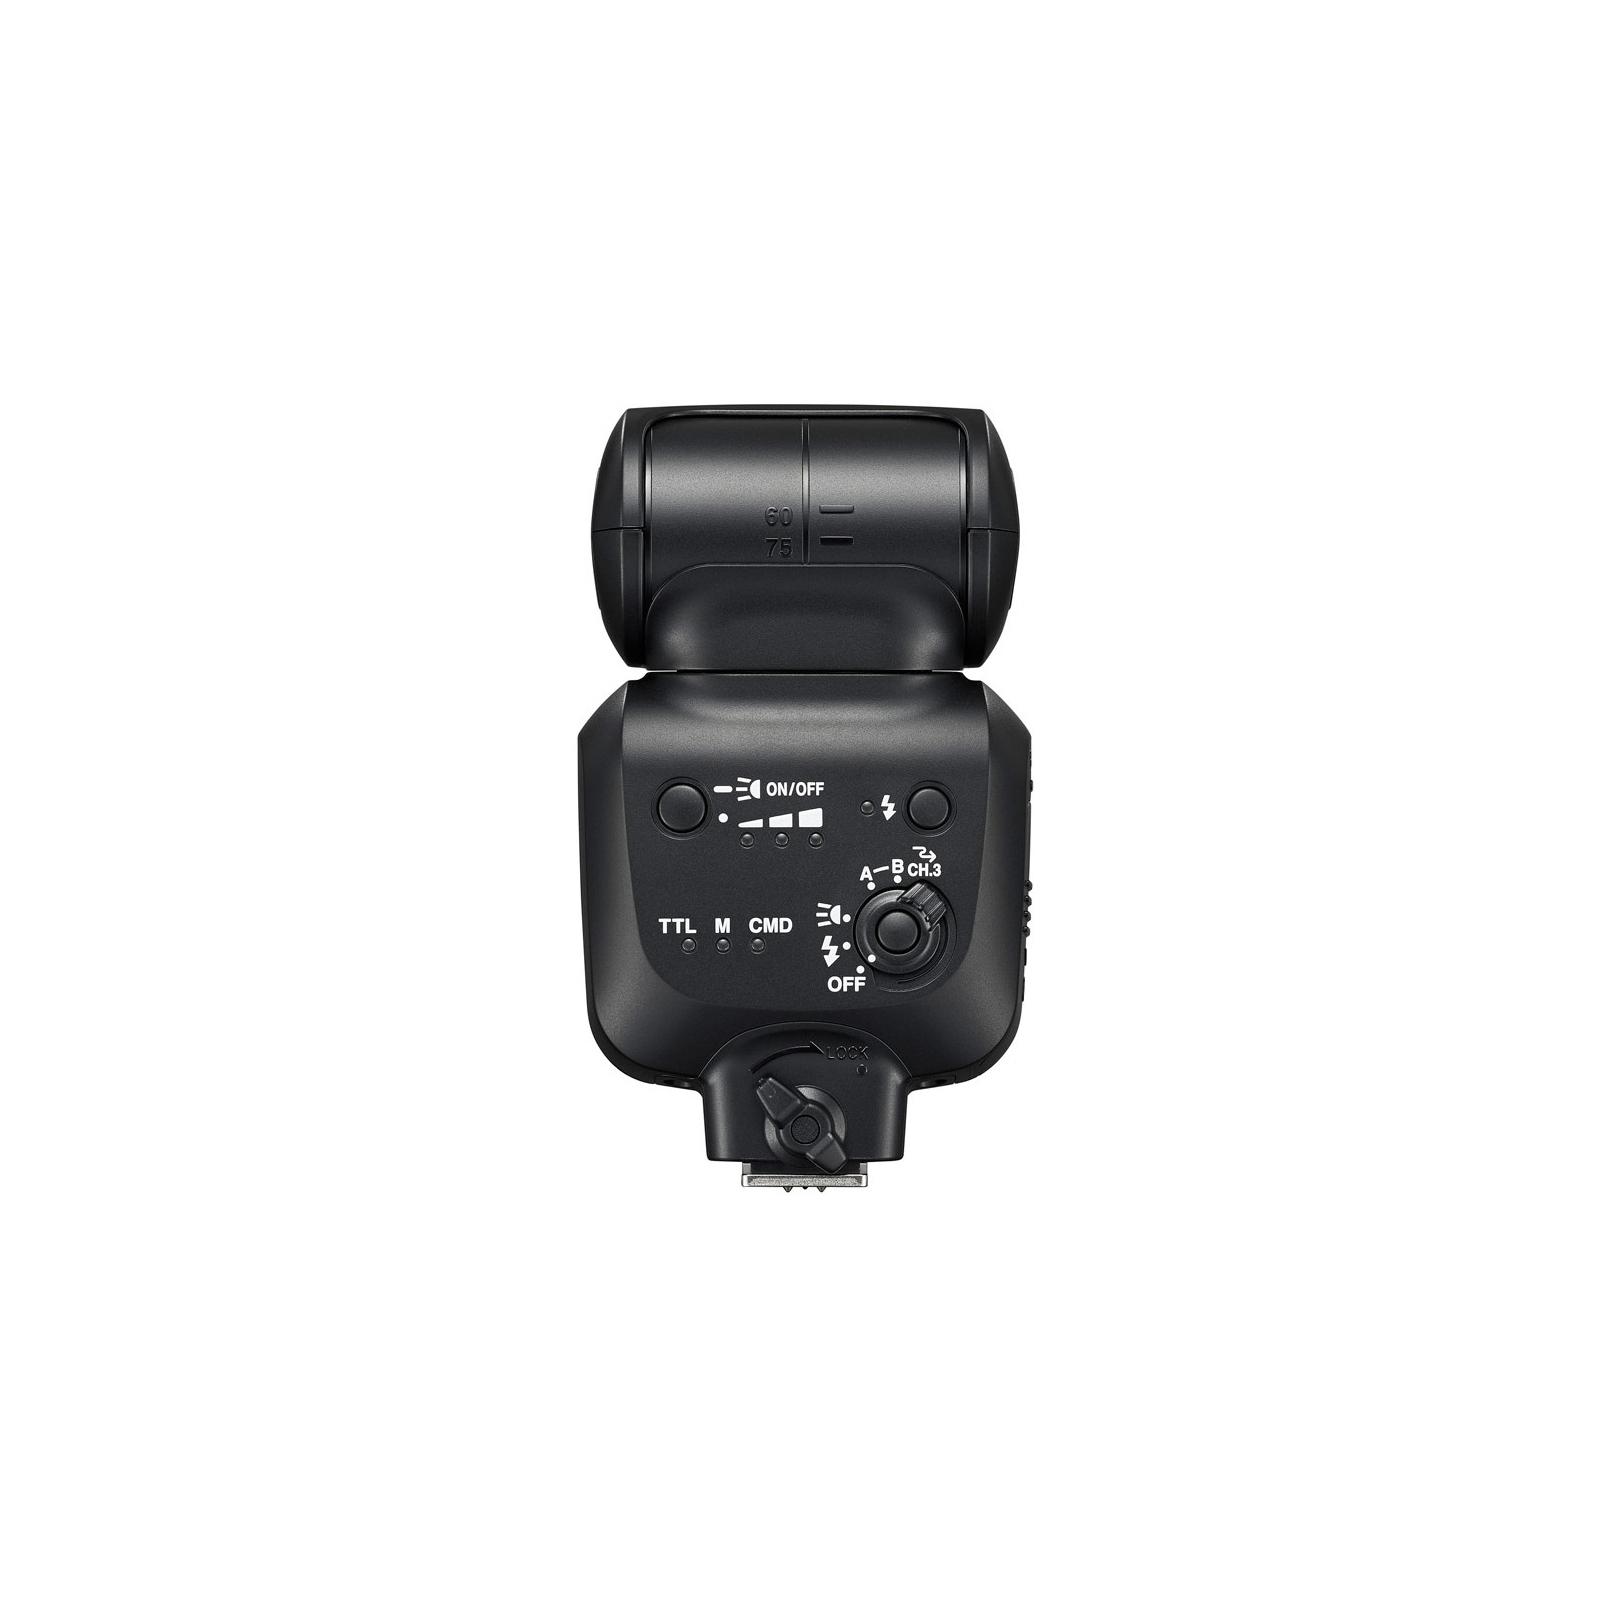 Вспышка Nikon Speedlight SB-500 (FSA04201) изображение 3